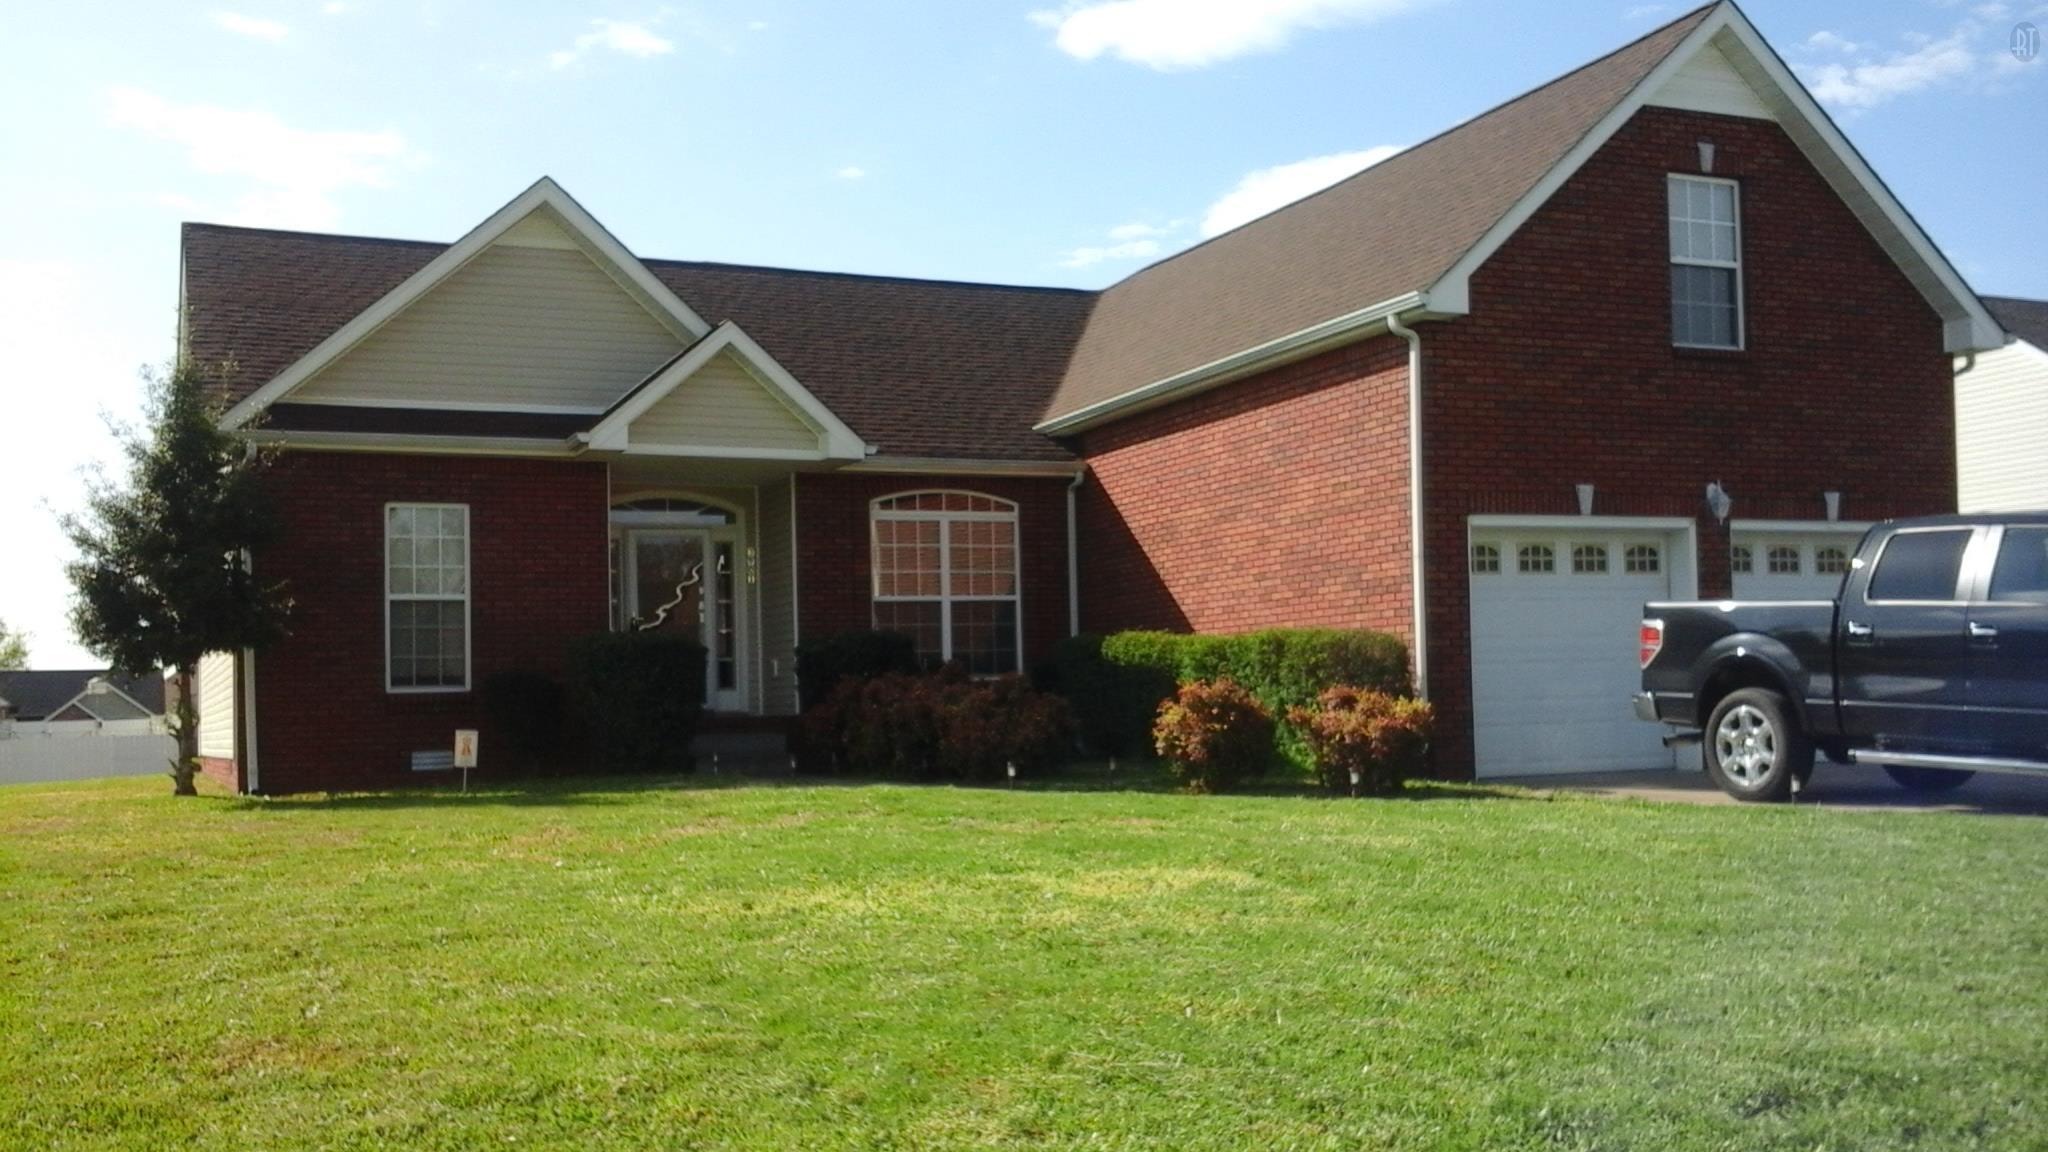 3901 Gaine Dr, Clarksville, TN 37040